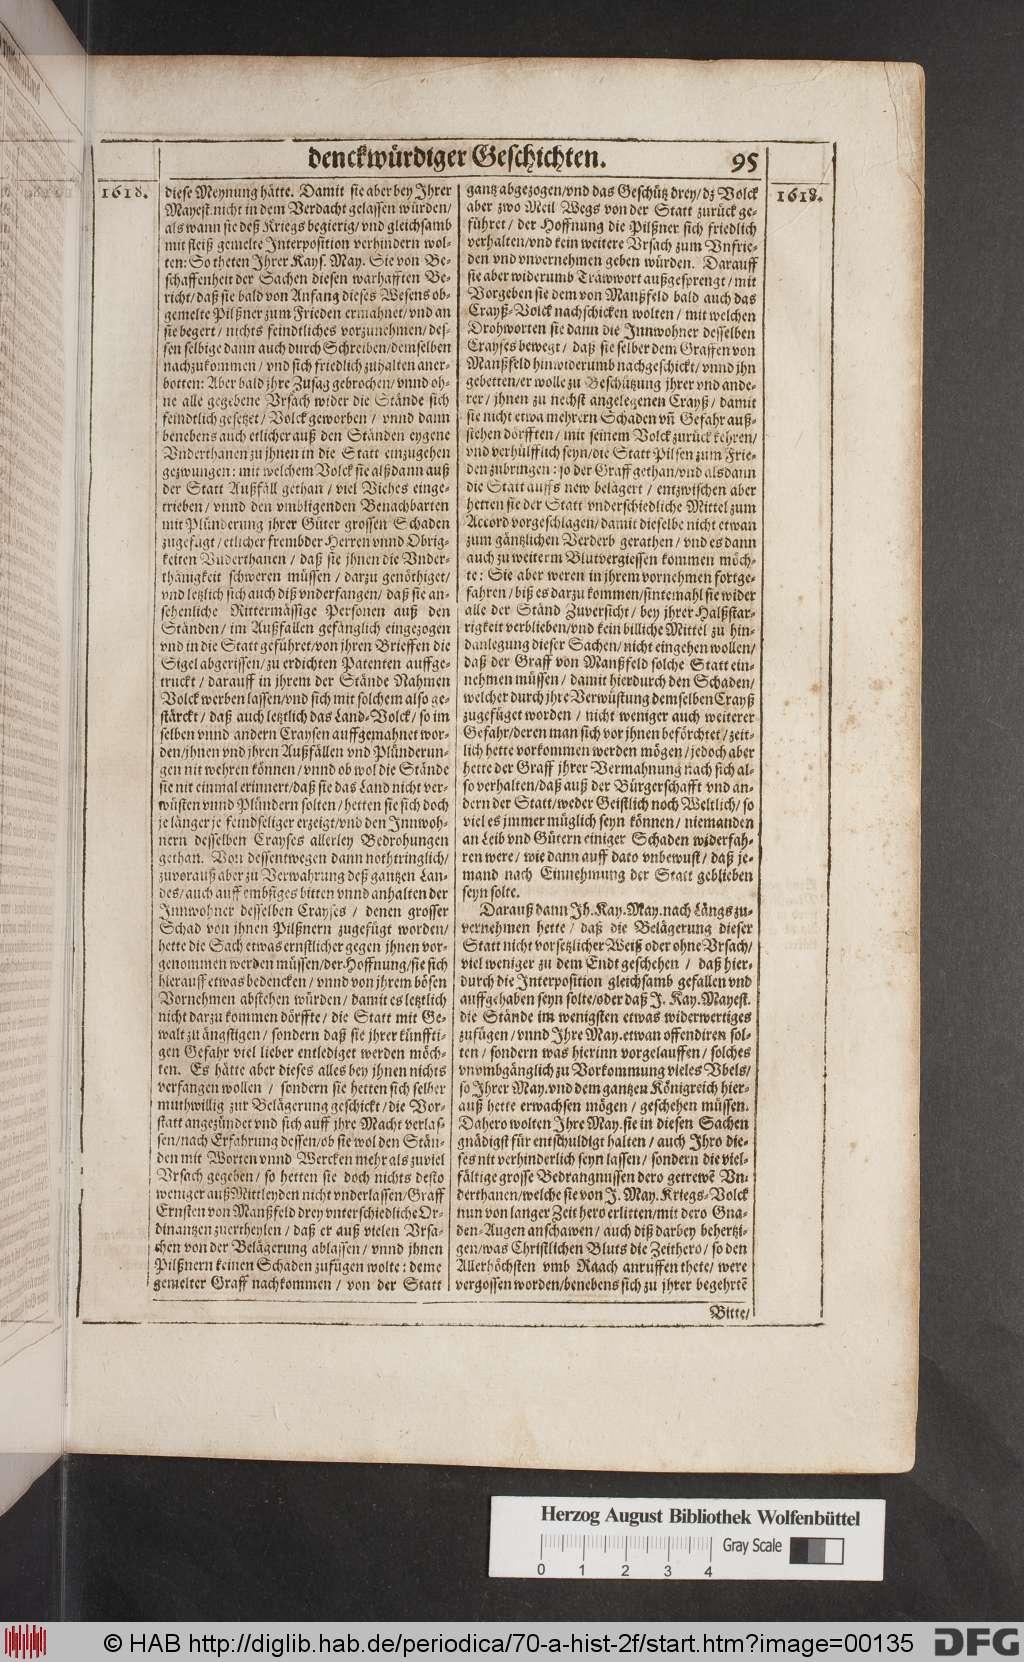 https://diglib.hab.de/periodica/70-a-hist-2f/00135.jpg